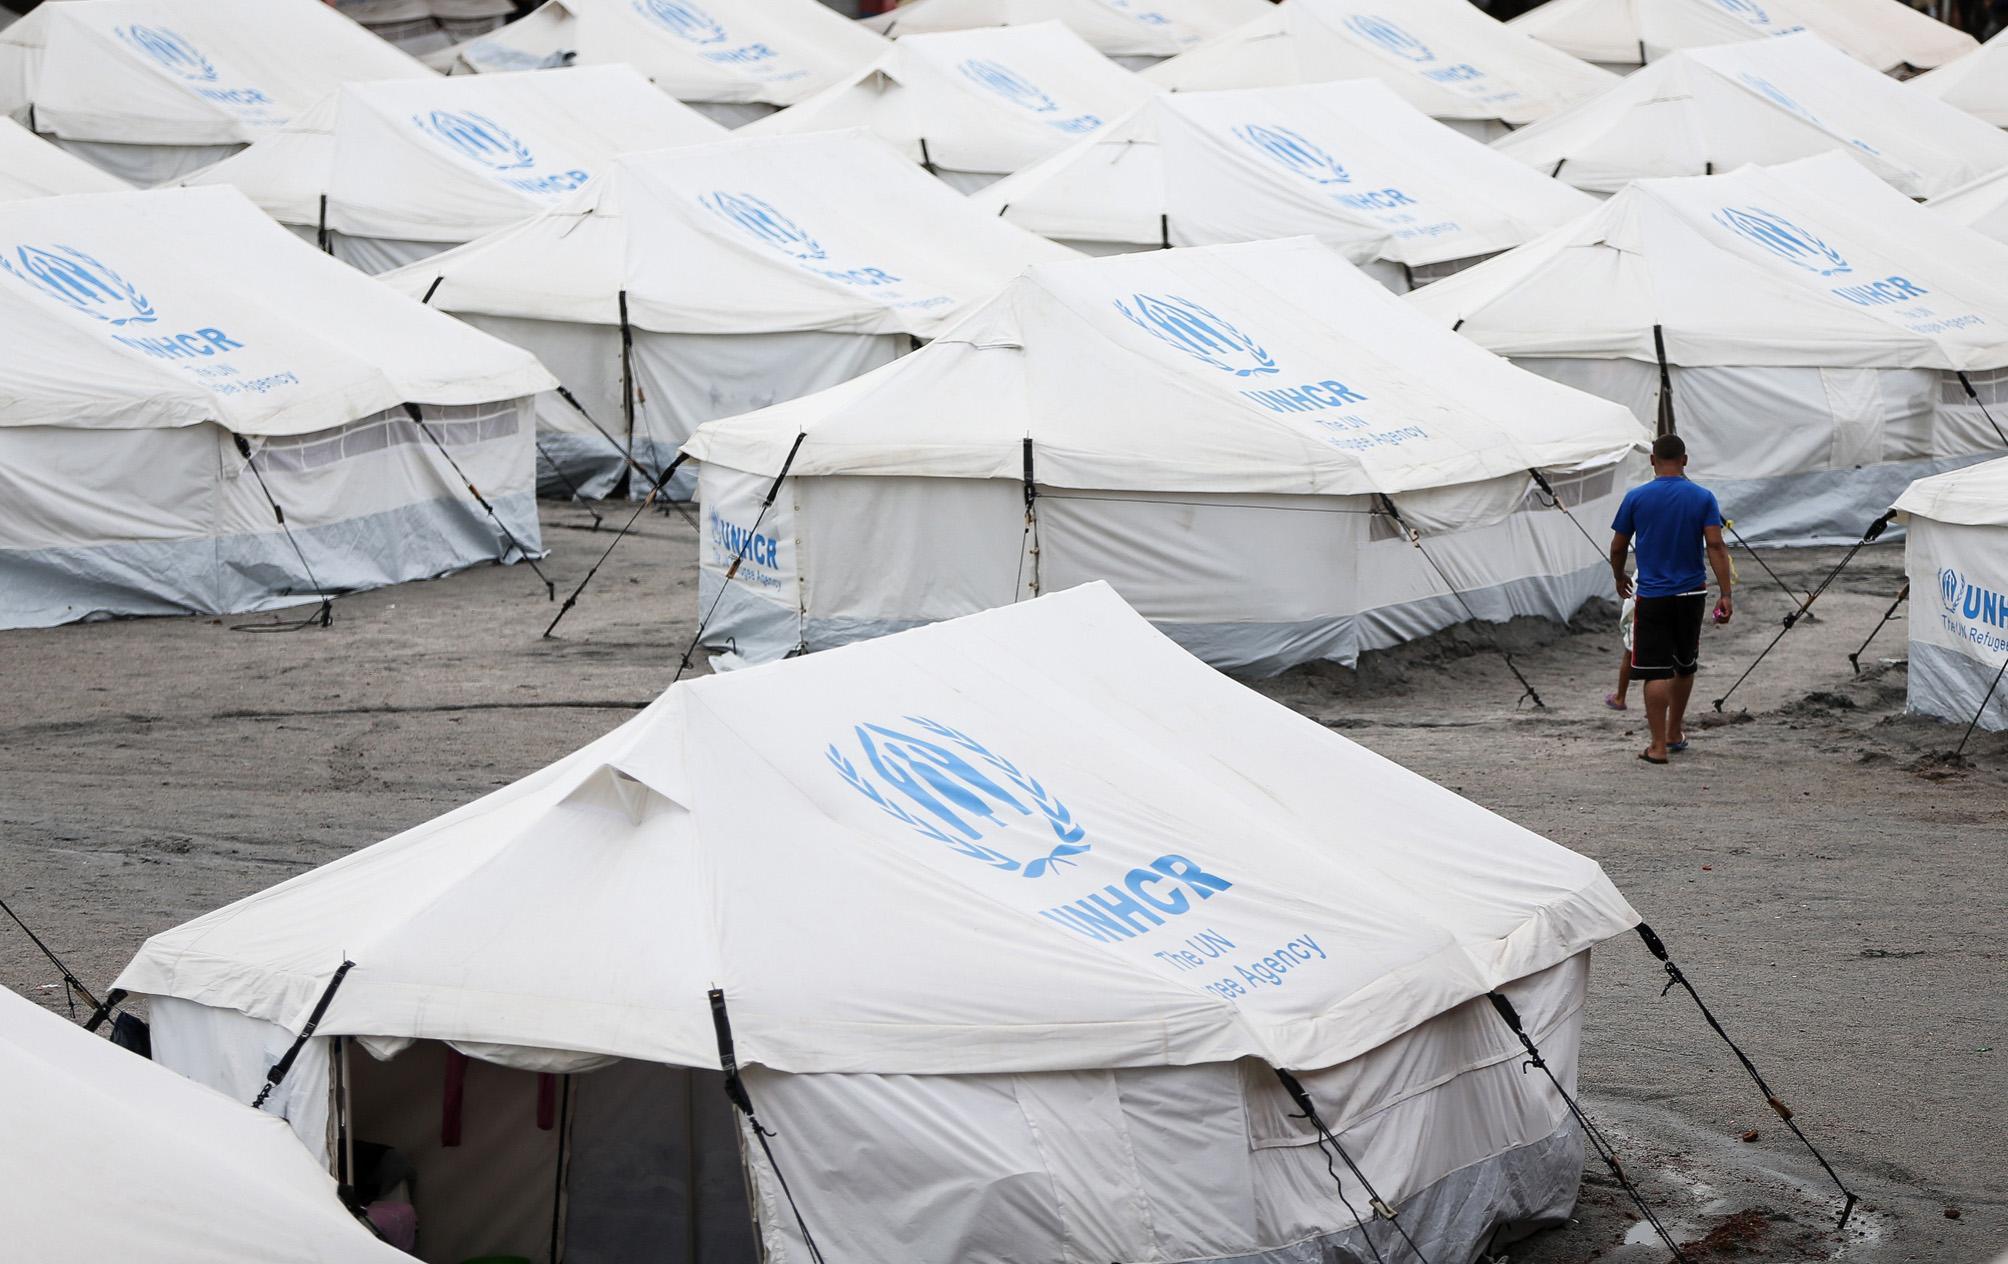 Relações Exteriores - emigração - refugiados venezuelanos Roraima Boa Vista abrigo ONU Nações Unidas